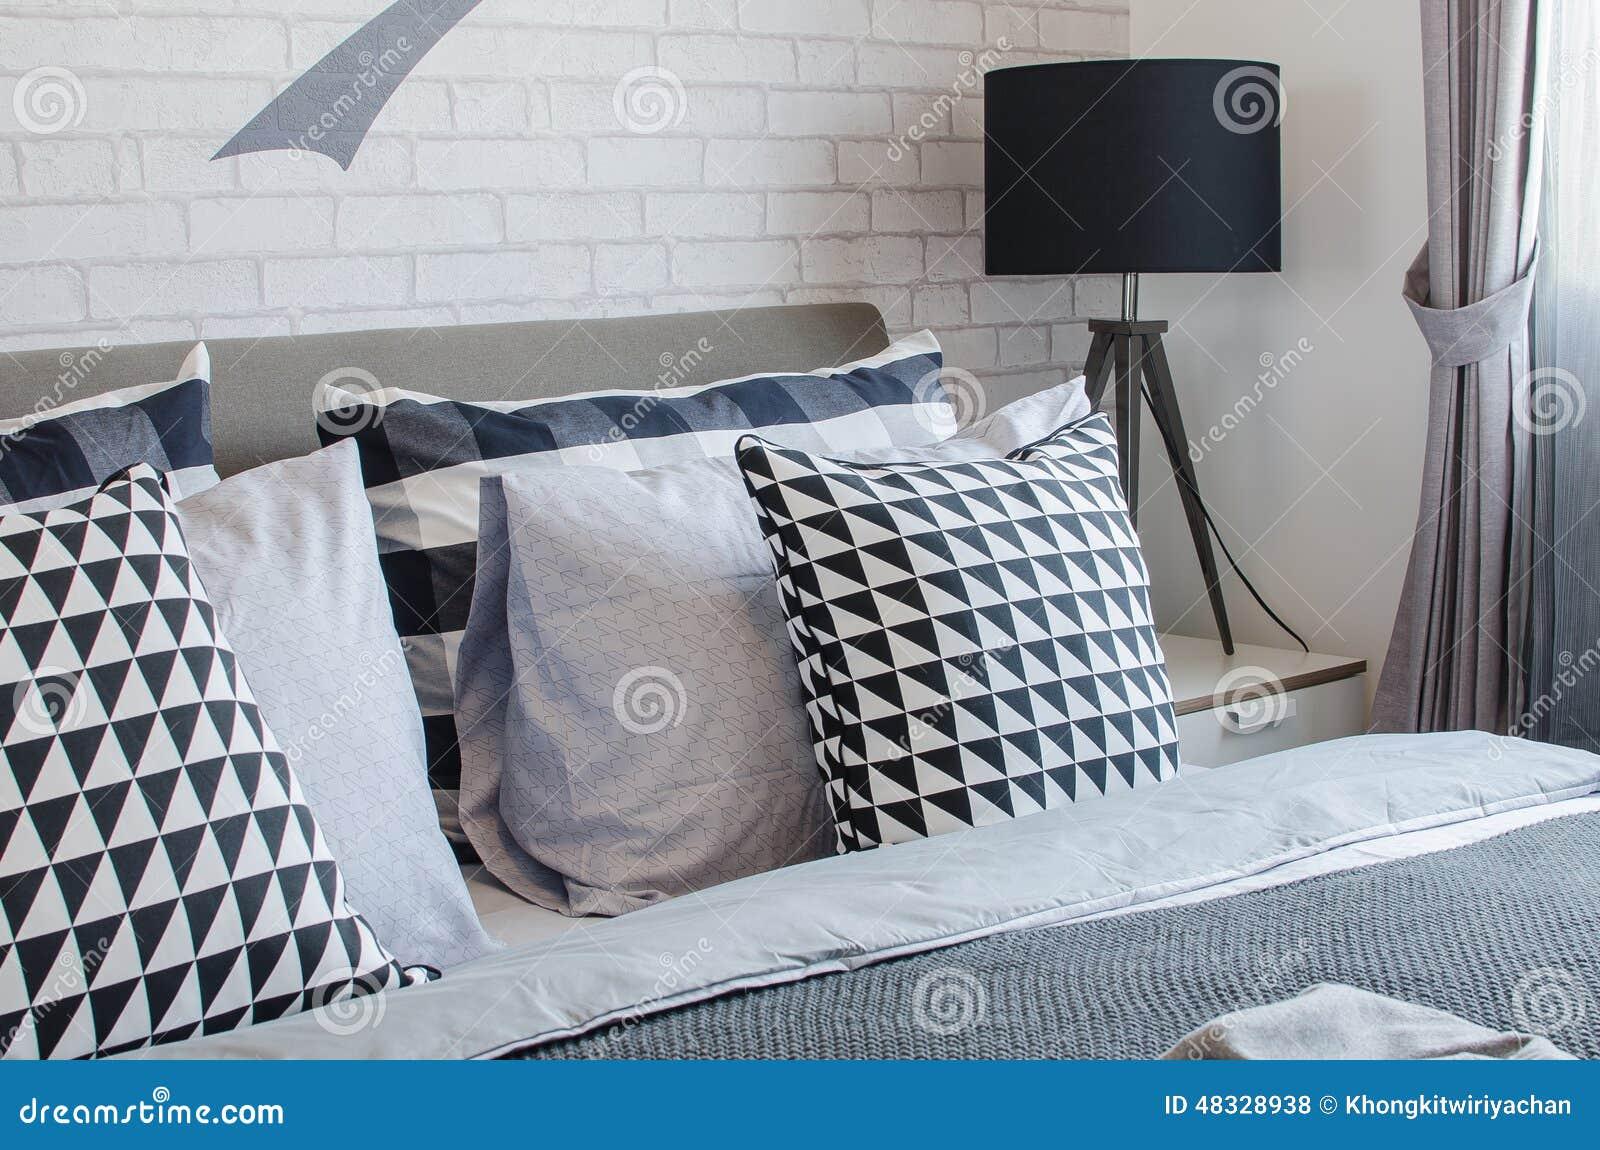 Slaapkamer Lamp Zwart : Moderne slaapkamer met zwart witte hoofdkussens en zwarte lamp